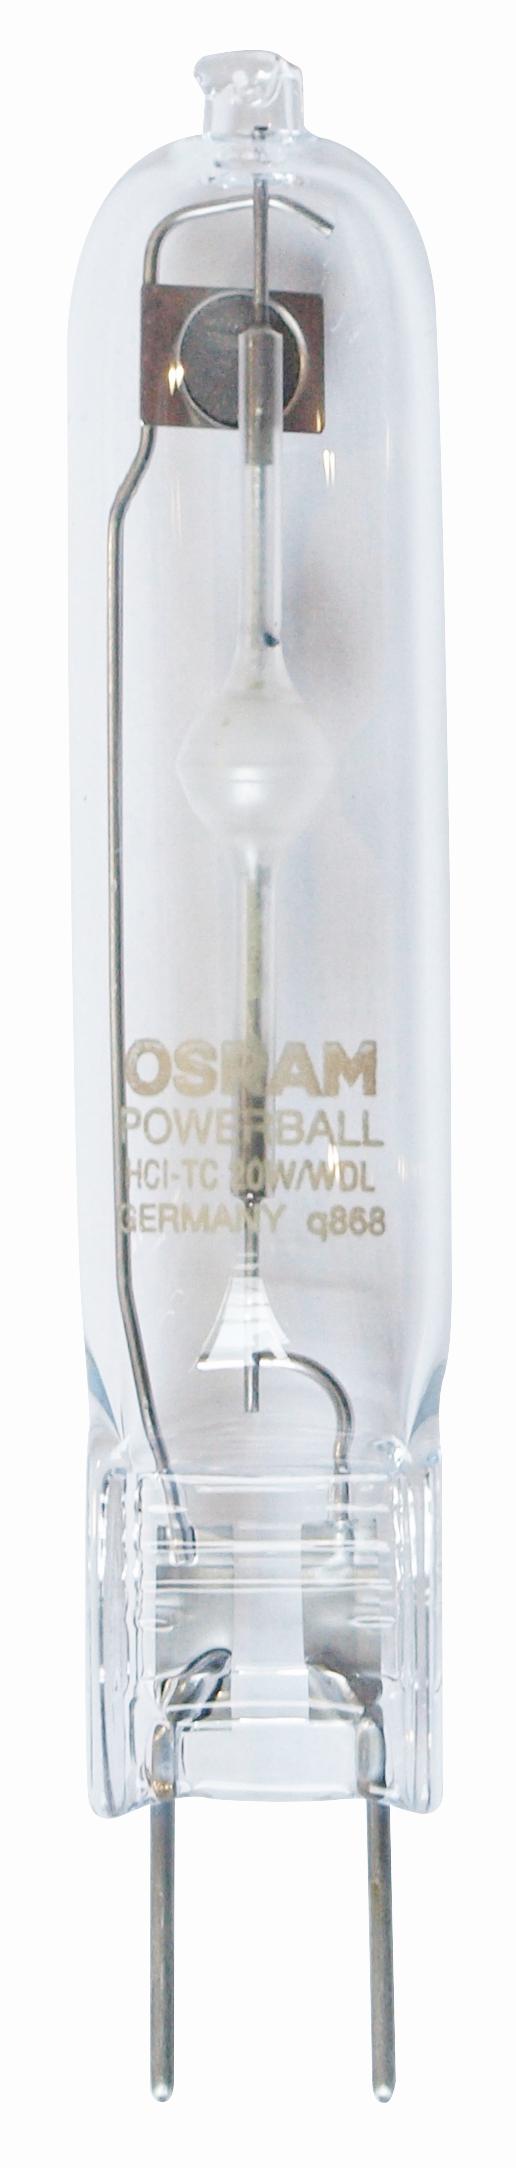 1 Stk HIT-CE TC 35W/830 G8,5 OS Metalldampfentladungslampe LI5Z876870